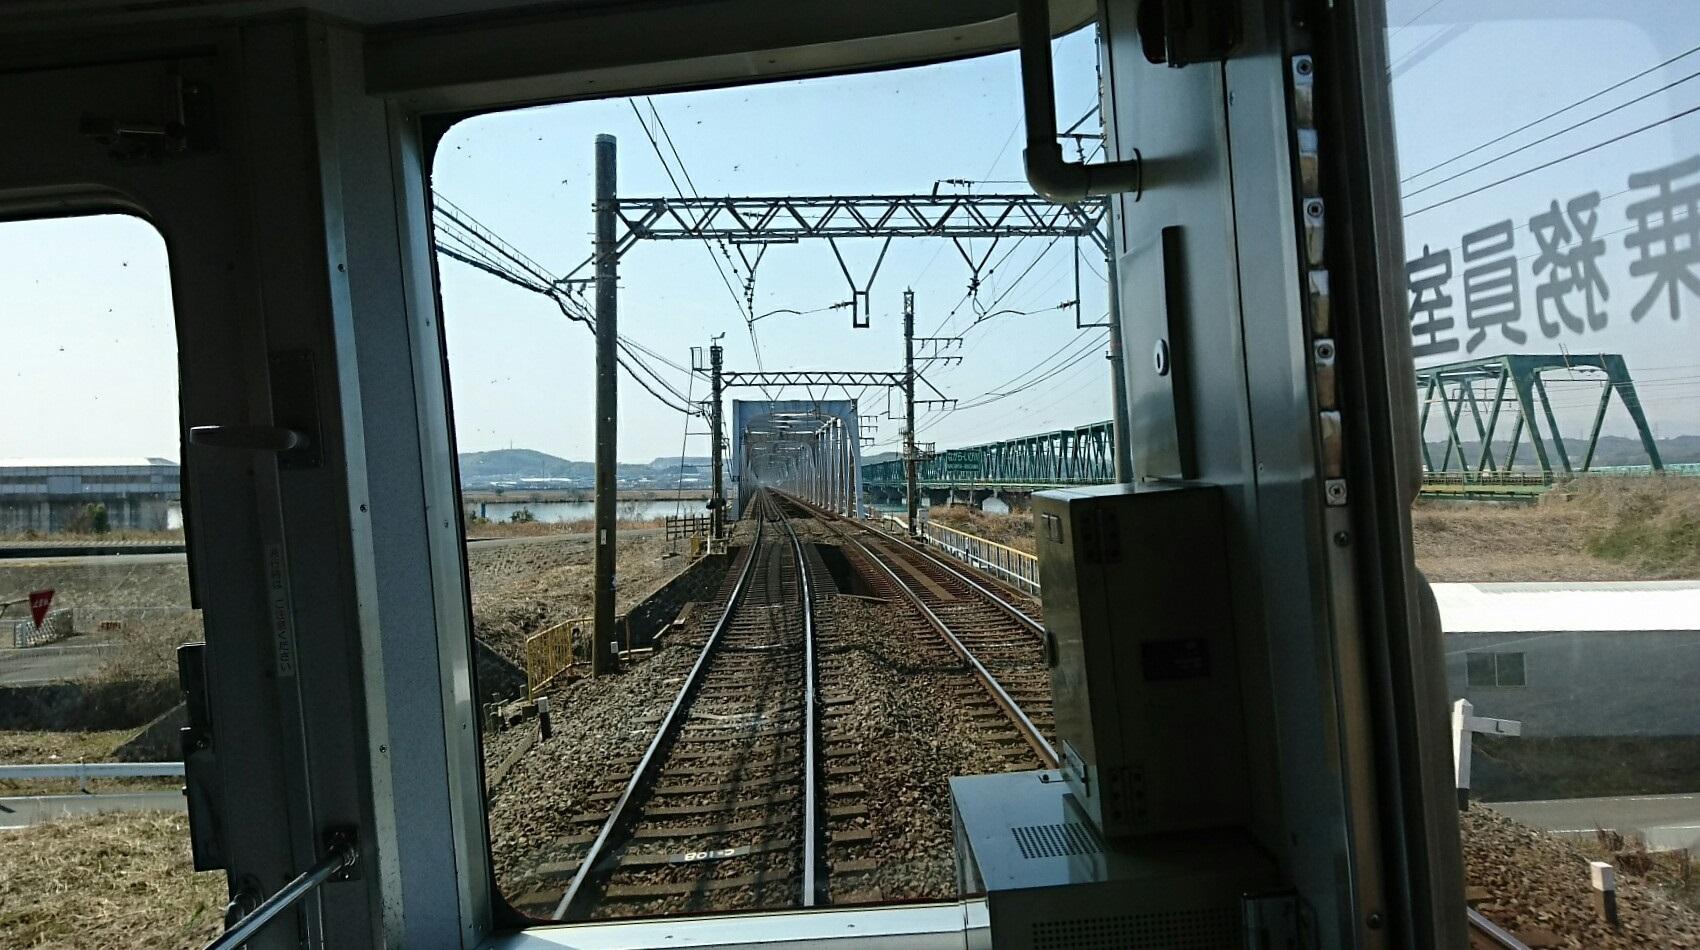 2018.3.13 白子 (25) 松阪いき急行 - 長良川揖斐川鉄橋 1700-950